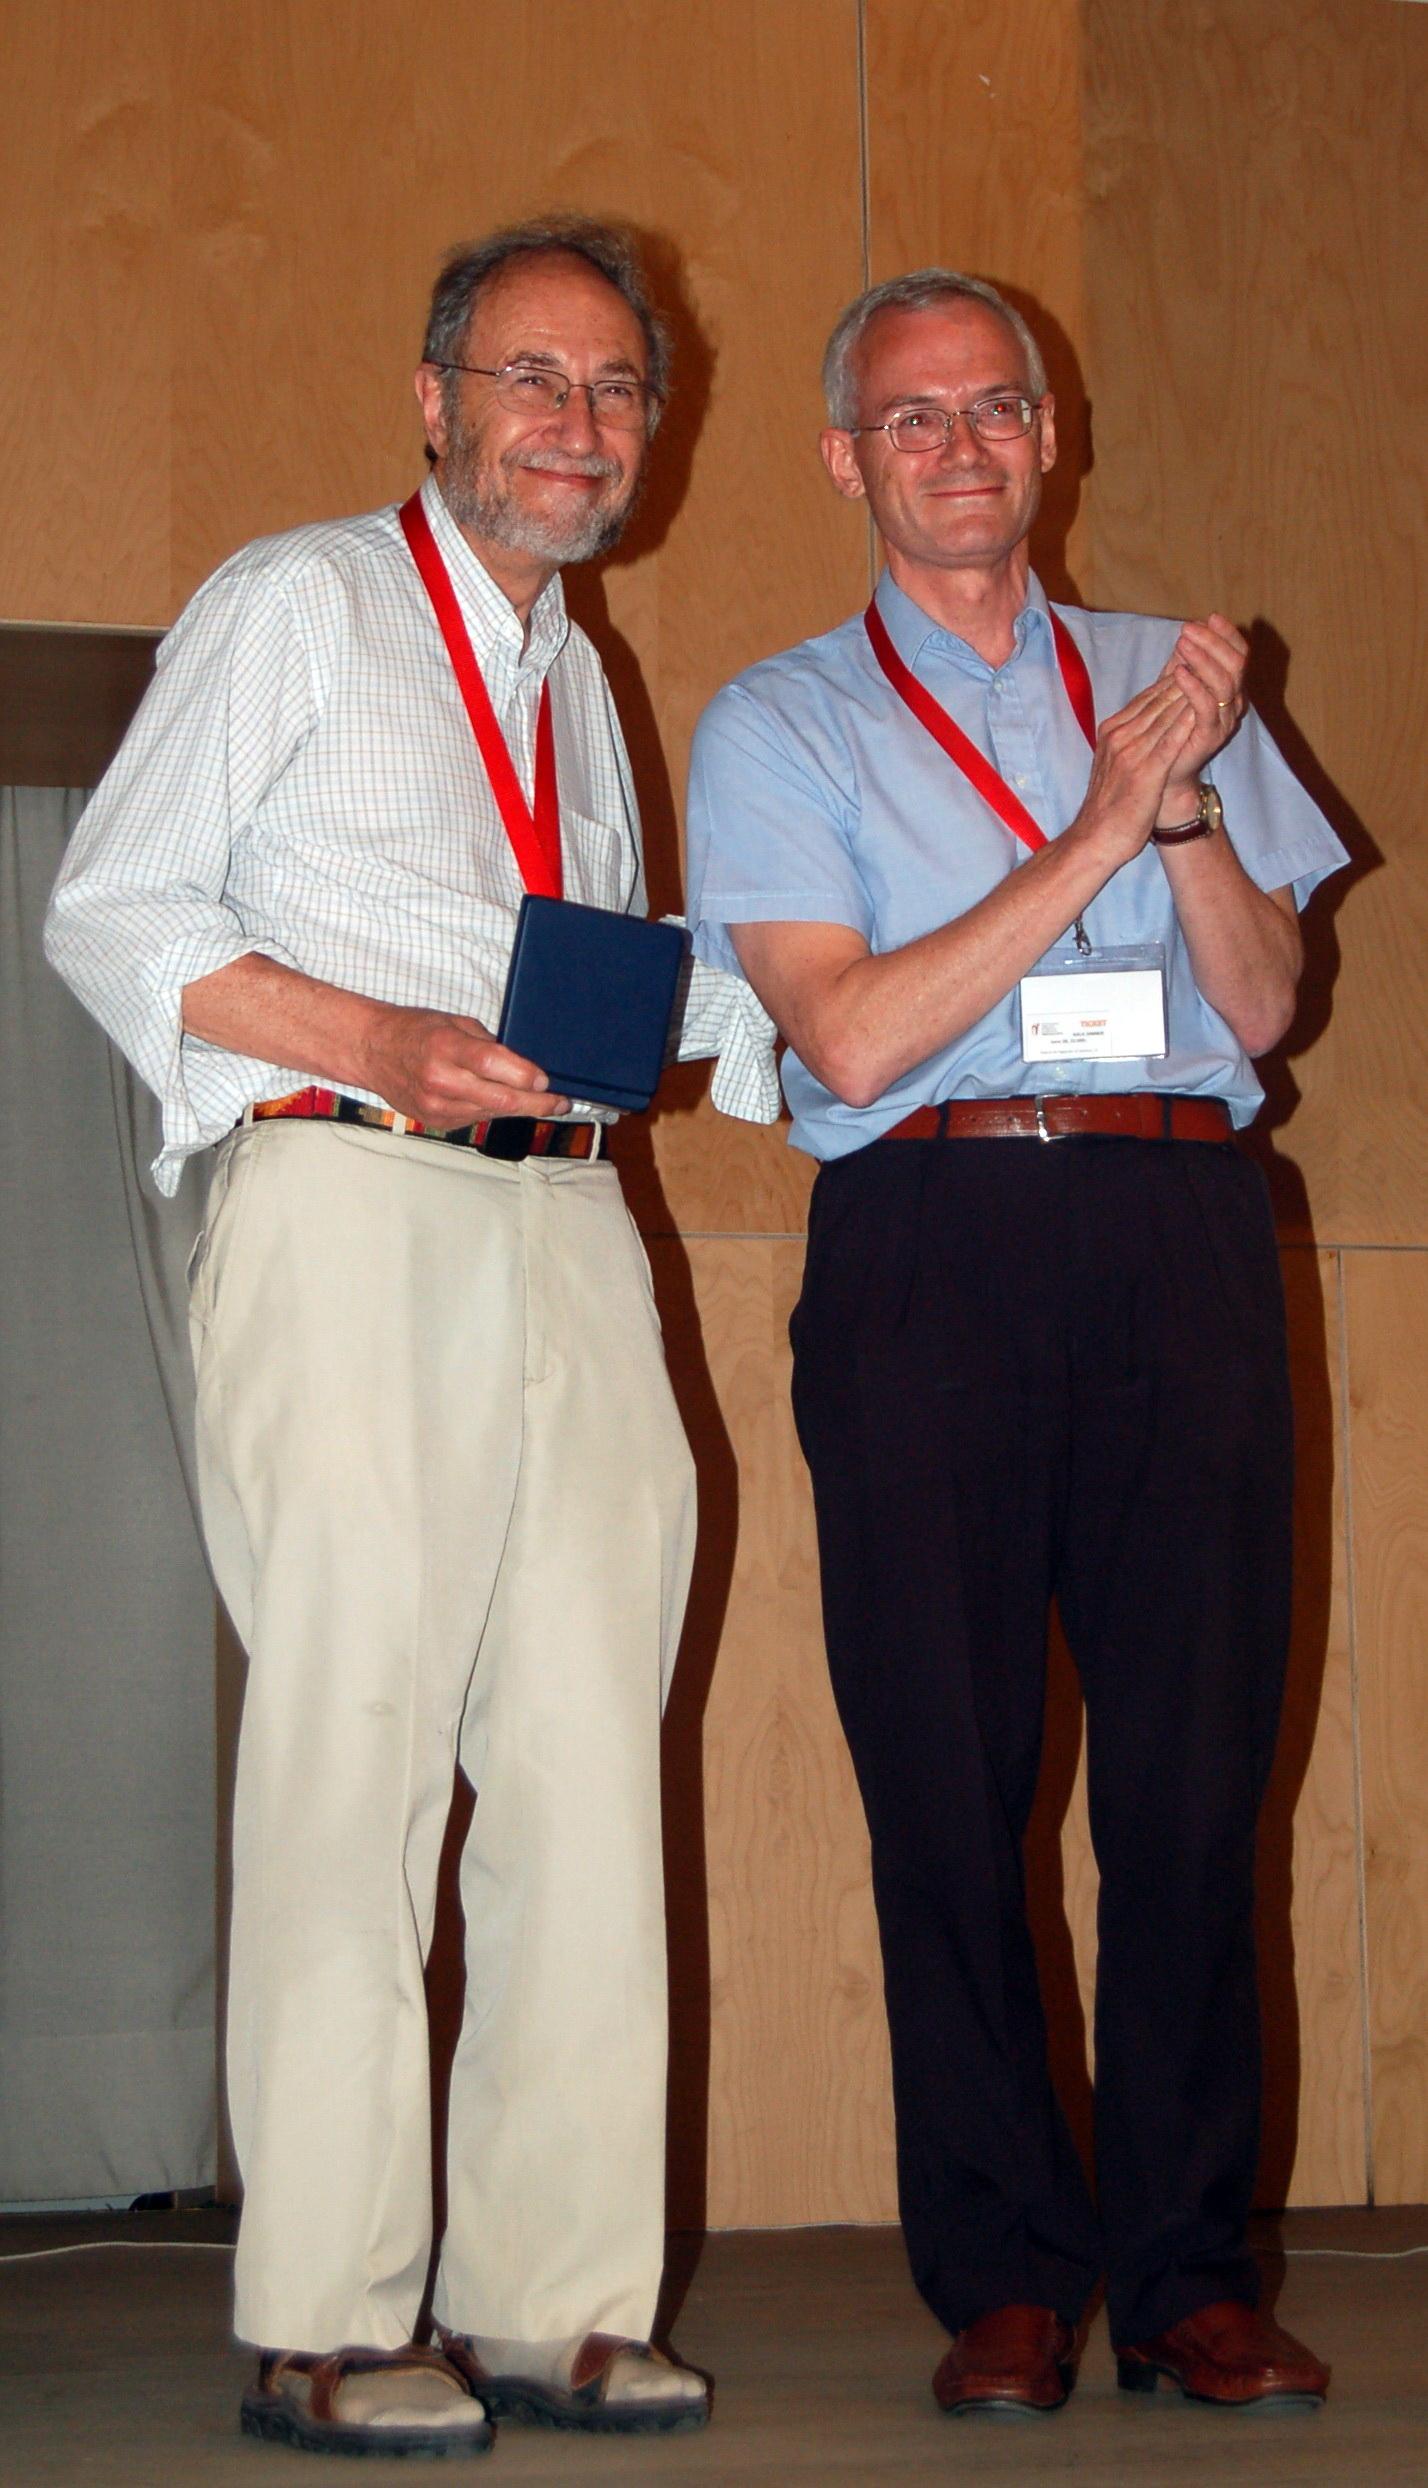 El XIX Congreso Internacional Poxvirus, Asfarvirus e Iridovirus distingue al investigador estadounidense Bernard Moss